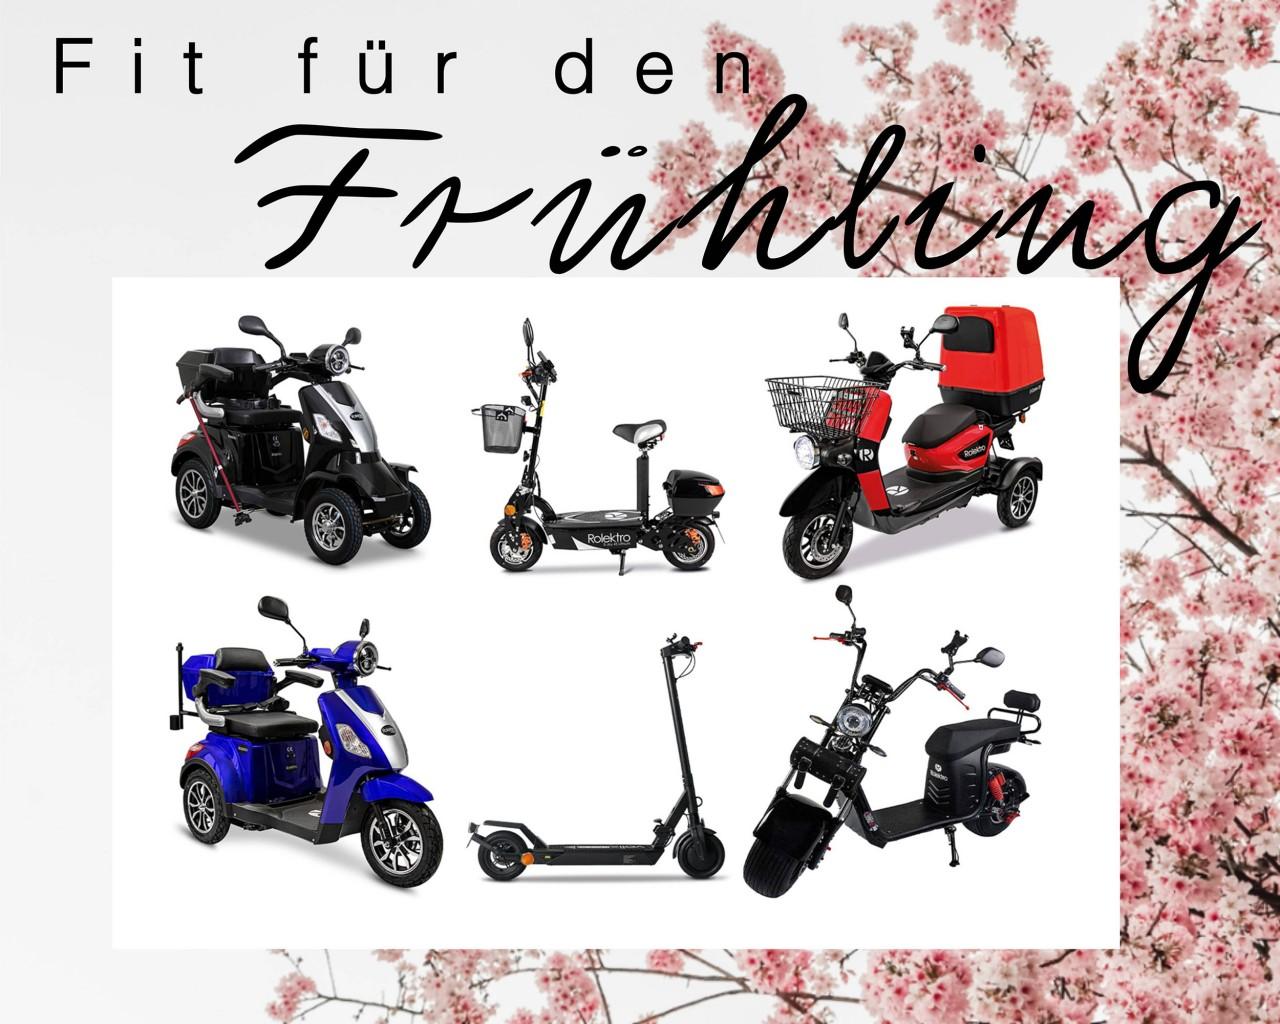 Fit-fuer-den-Fruehling-FERTIG-2uIAtitGkl6fmf